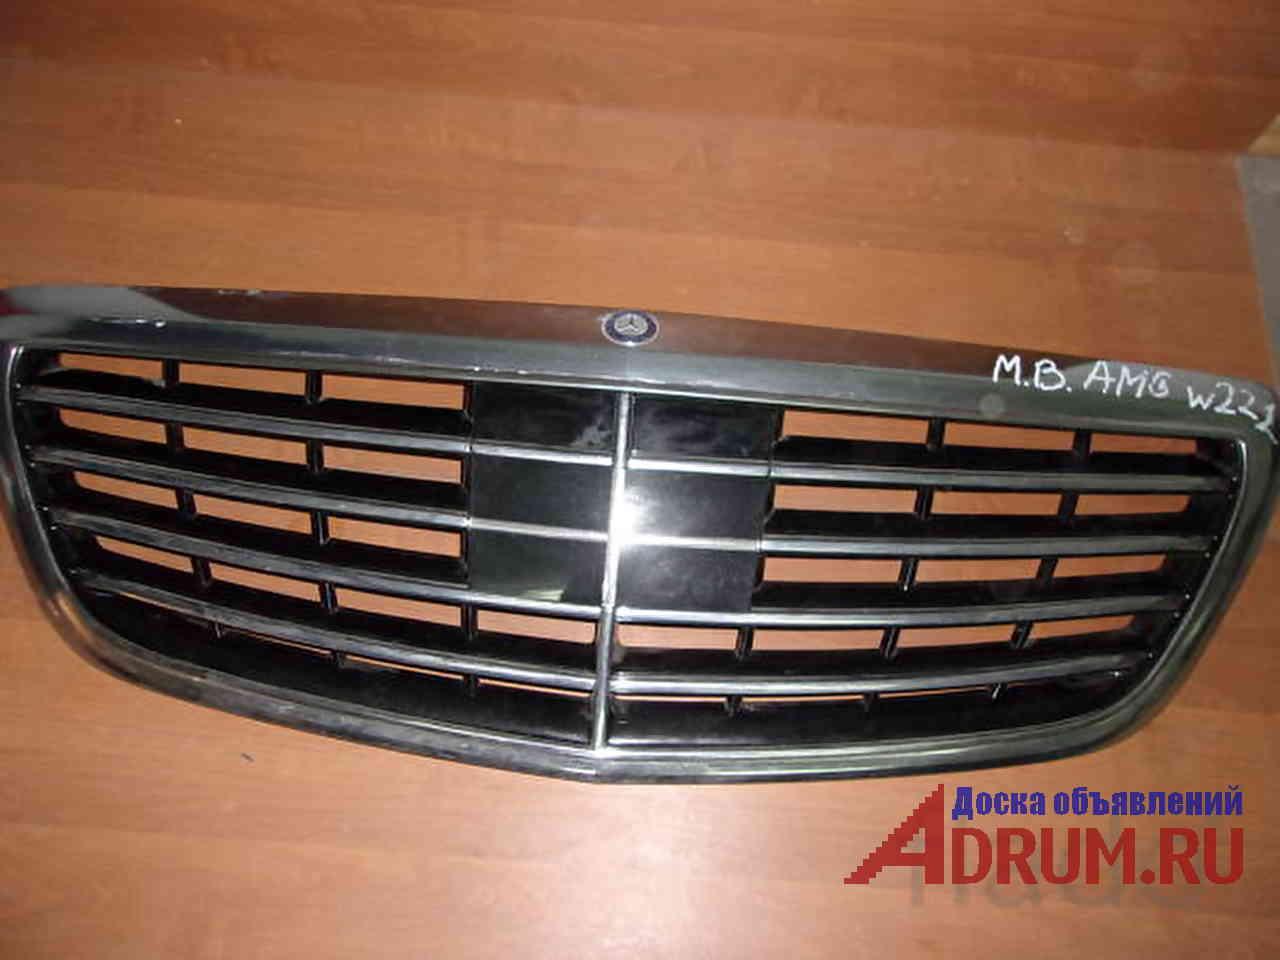 Решетка радиатора Мерседес S - класса w 222 amg c 13 по нв в Москвe